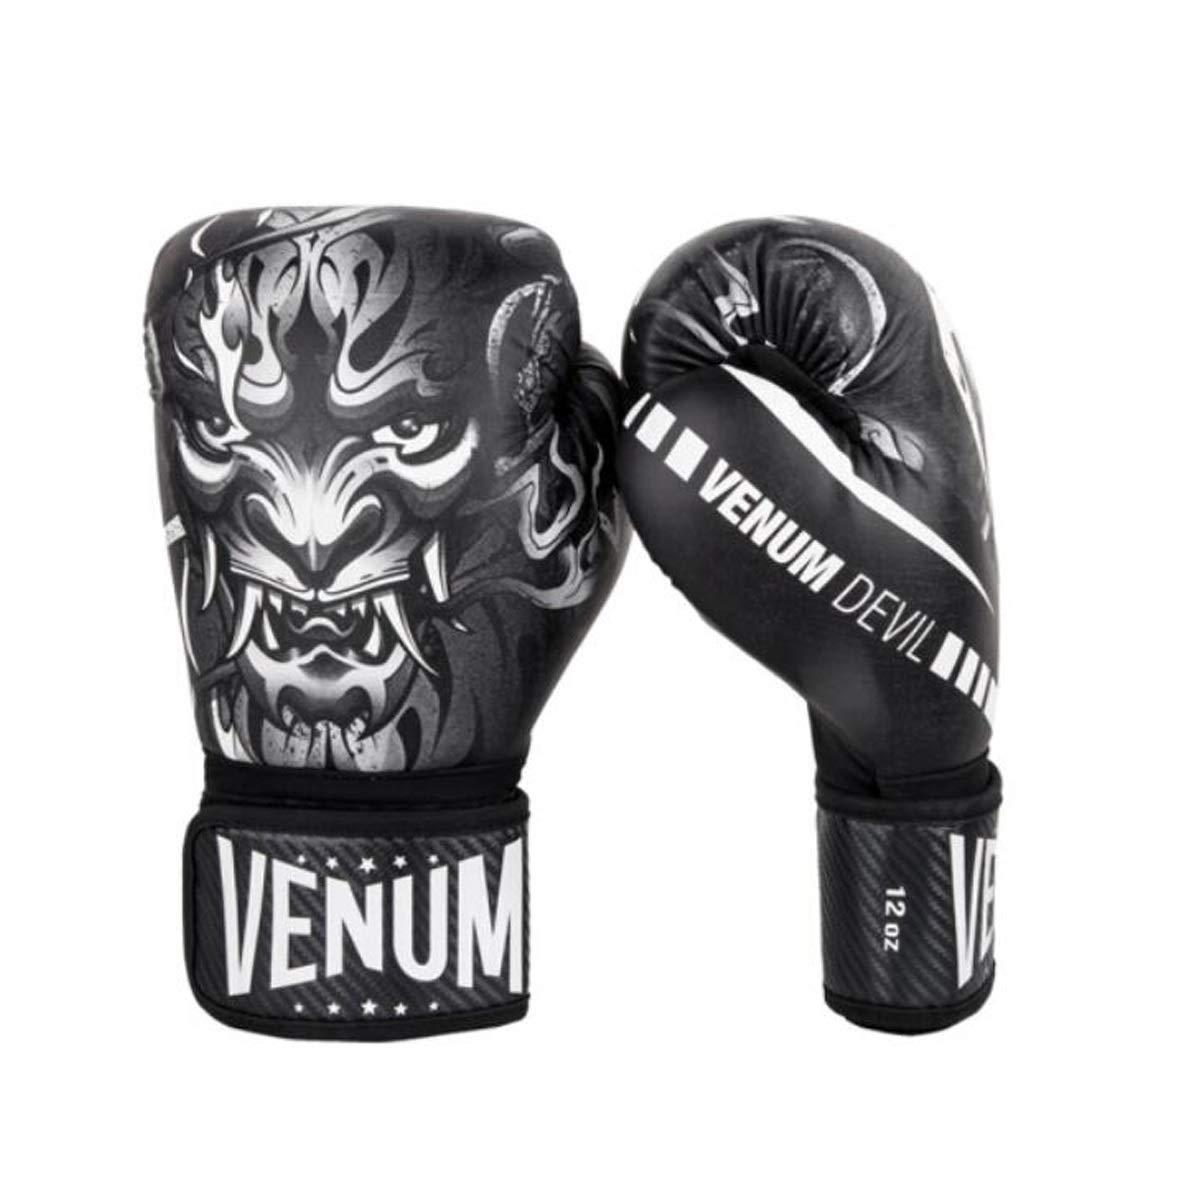 ZHIC ボクシンググローブ、ファイトボクシンググローブ、サンドバッググローブ、ホワイトブラック-8 OZ Life is movement 黒 8 OZ